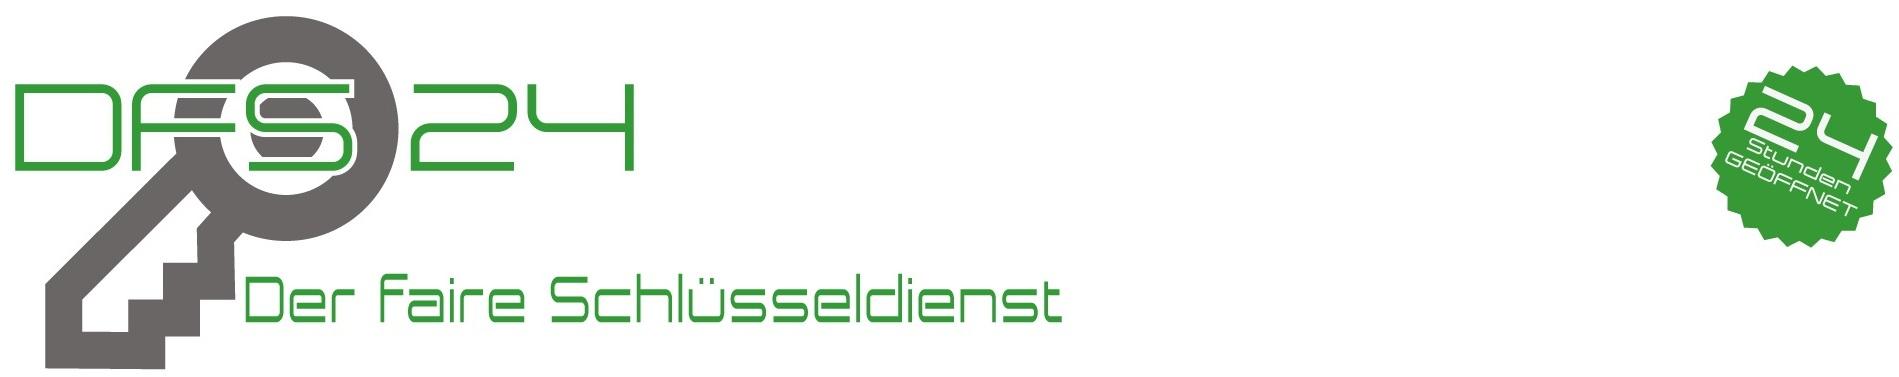 schlüsseldienst gescher logo